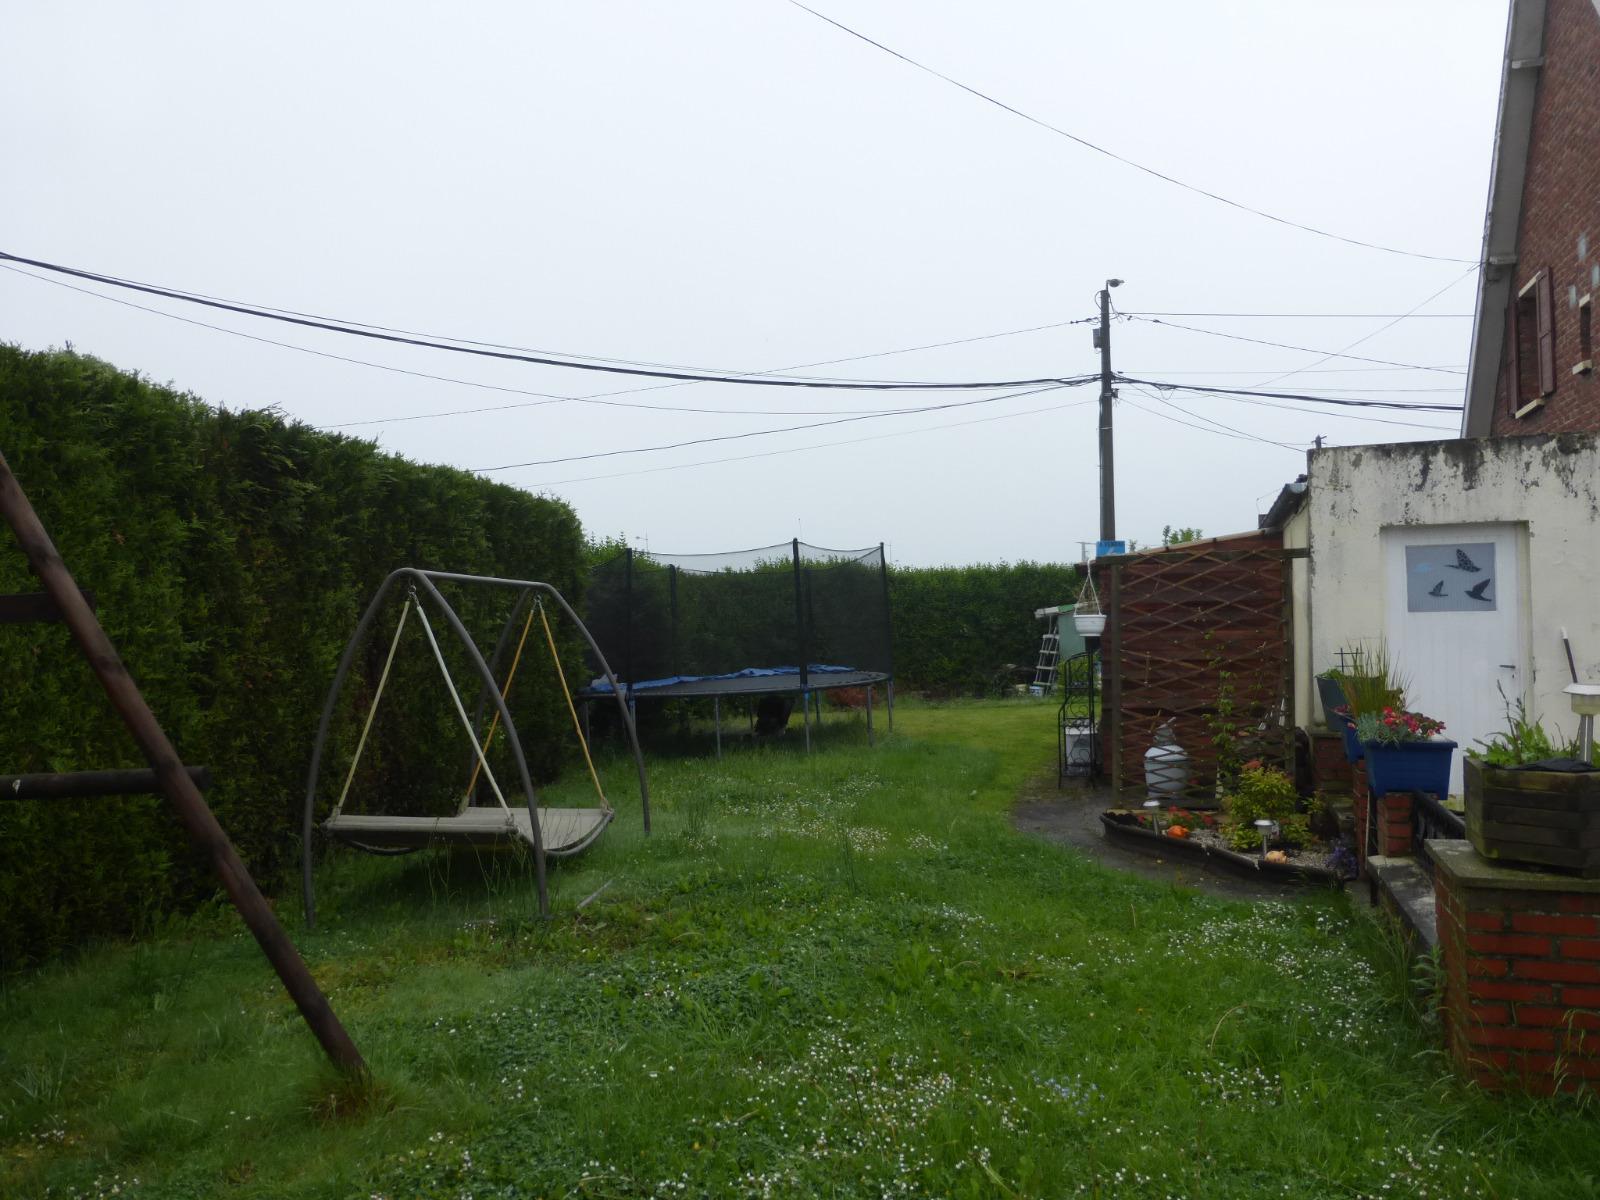 Maison semi individuelle 3 chambres jardin et garage for Maison plus henin beaumont